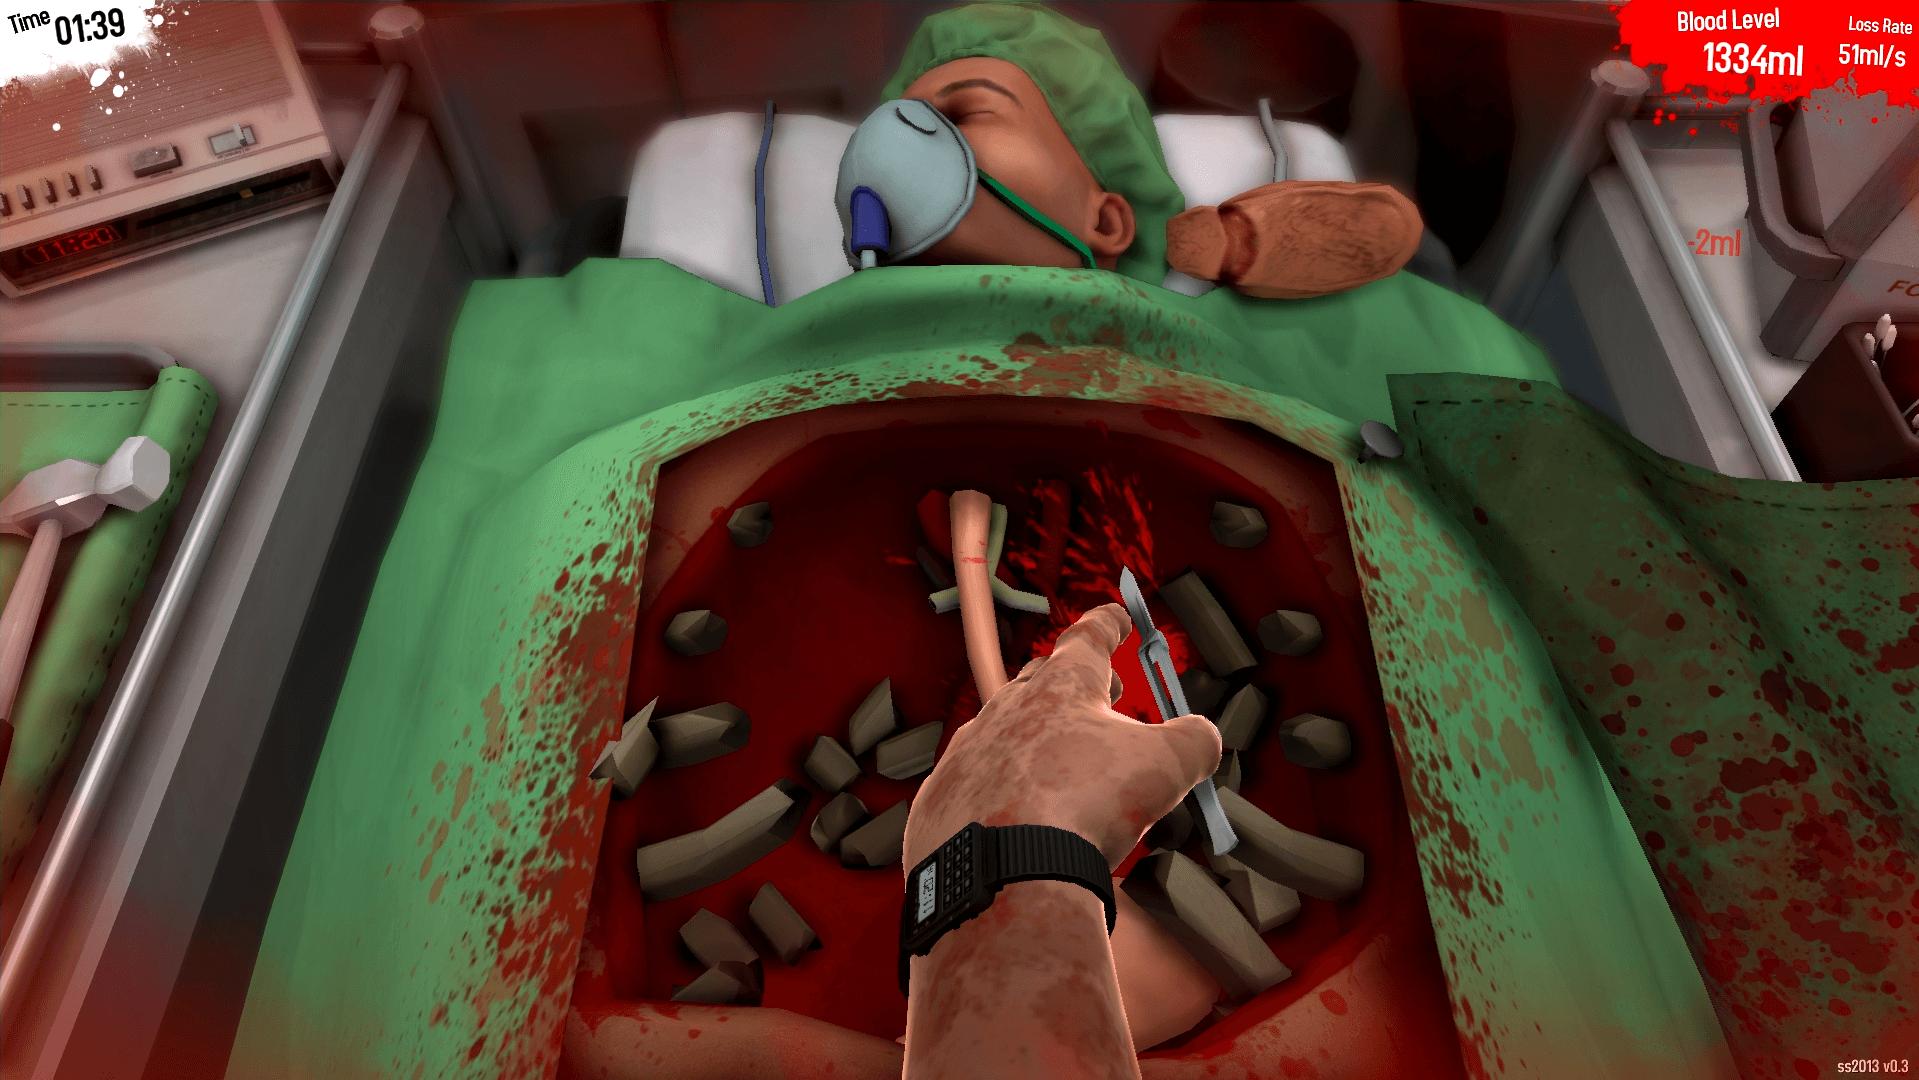 surgeonsimulator1